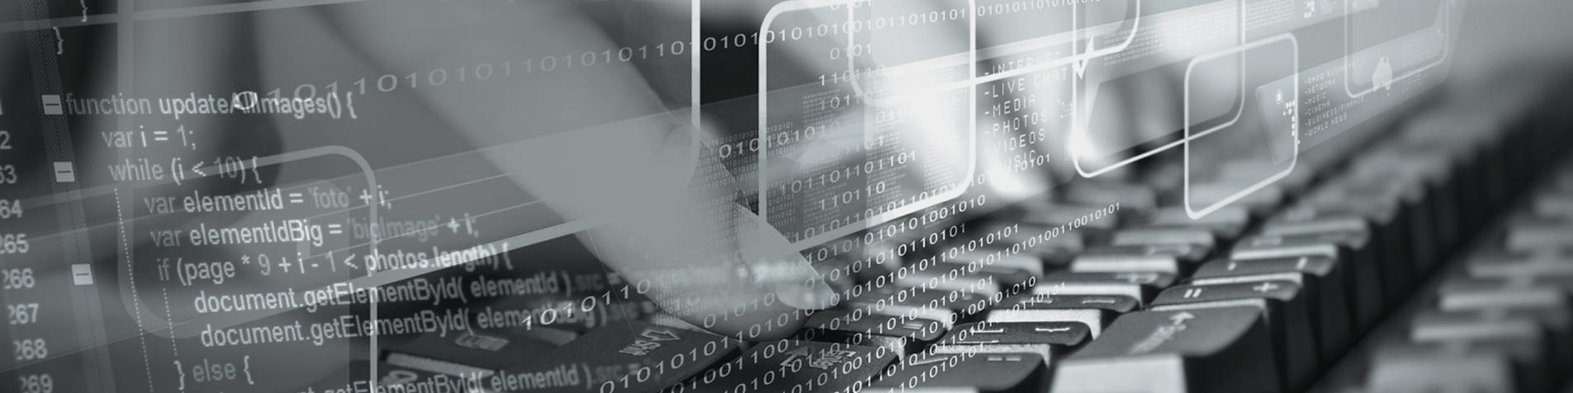 Headerbild des Job Bereiches Ausbildung Fachinformatik bei der IT-Firma TECXIPIO in Karlsruhe. Auf dem Bild zu sehen ist ein Finger, welcher auf einer tastatur tippt. Weiterhin sind Nullen und Einsen im hintergrund zu sehen. Diese stellen den Bezug zum Thema IT her